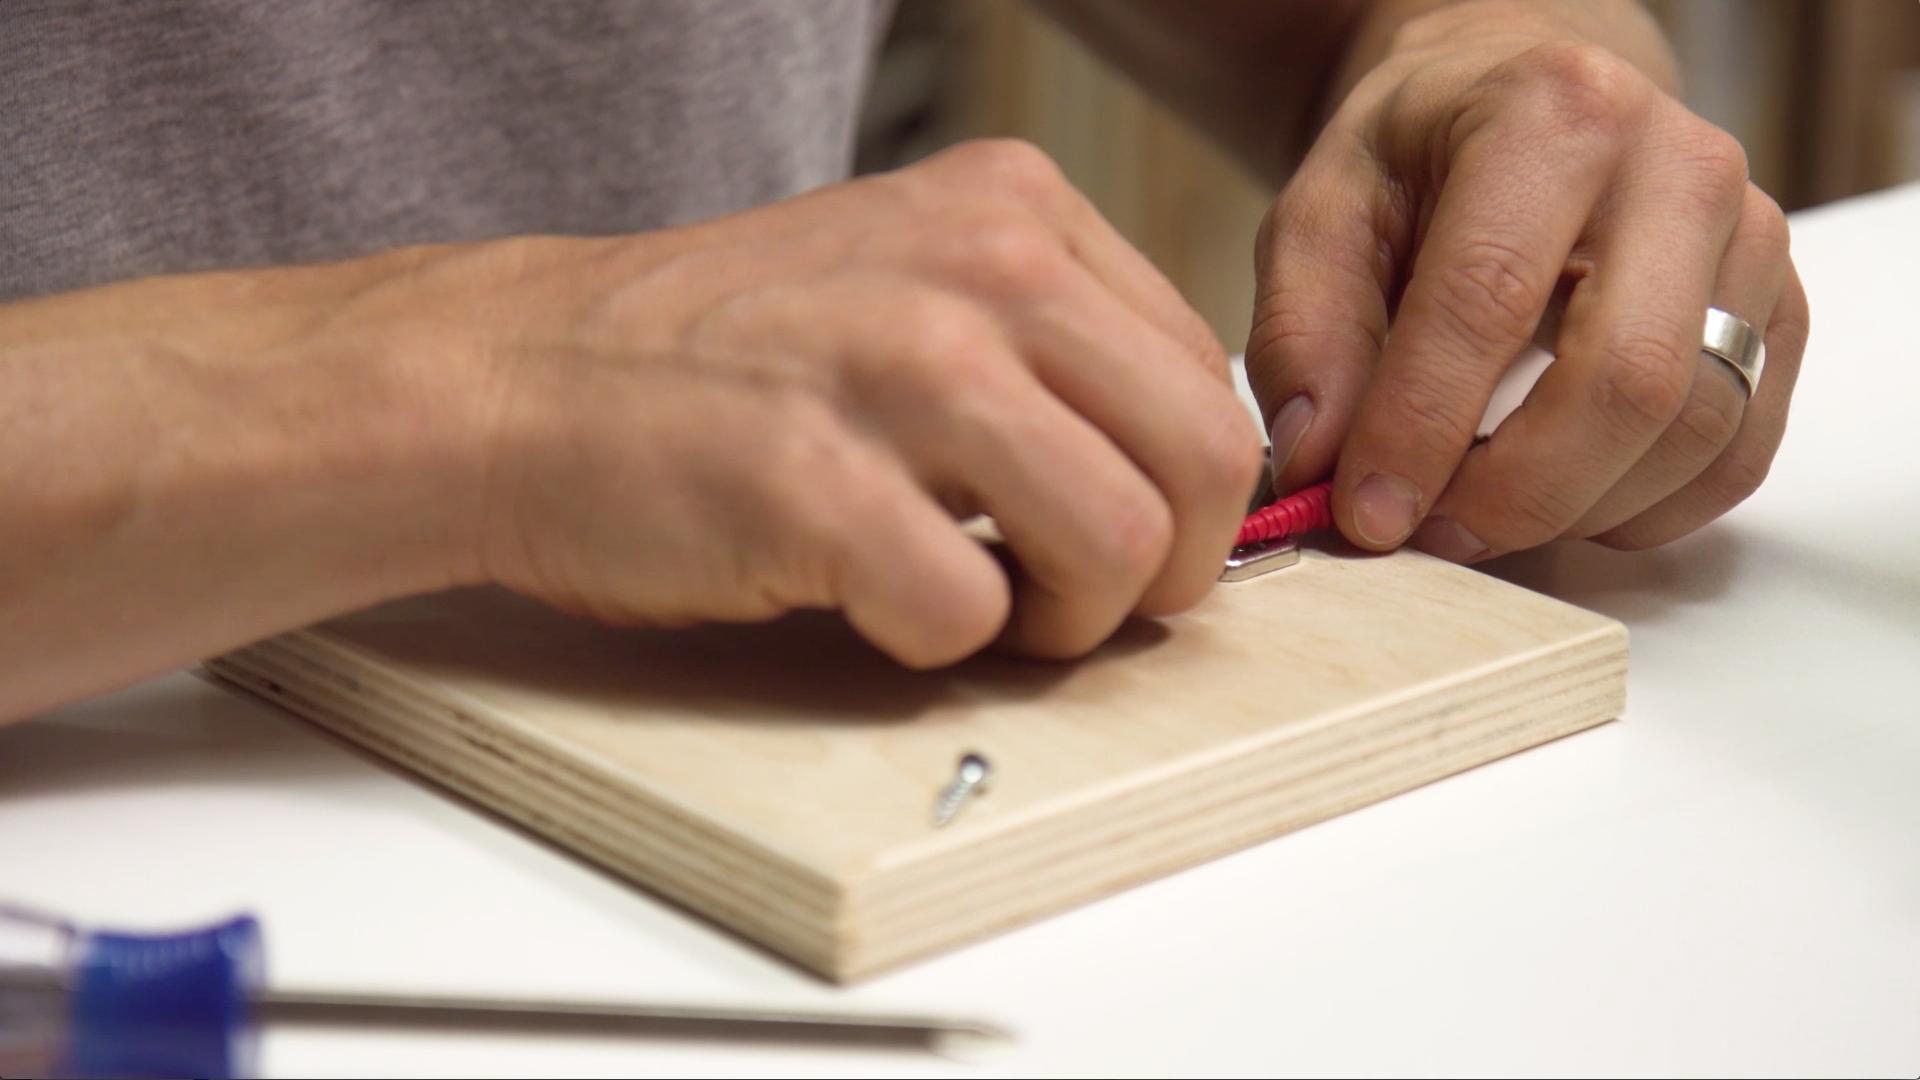 02b2222729b6377c1f66b713b481bbd9 - How To Get A Stripped Nail Out Of Wood